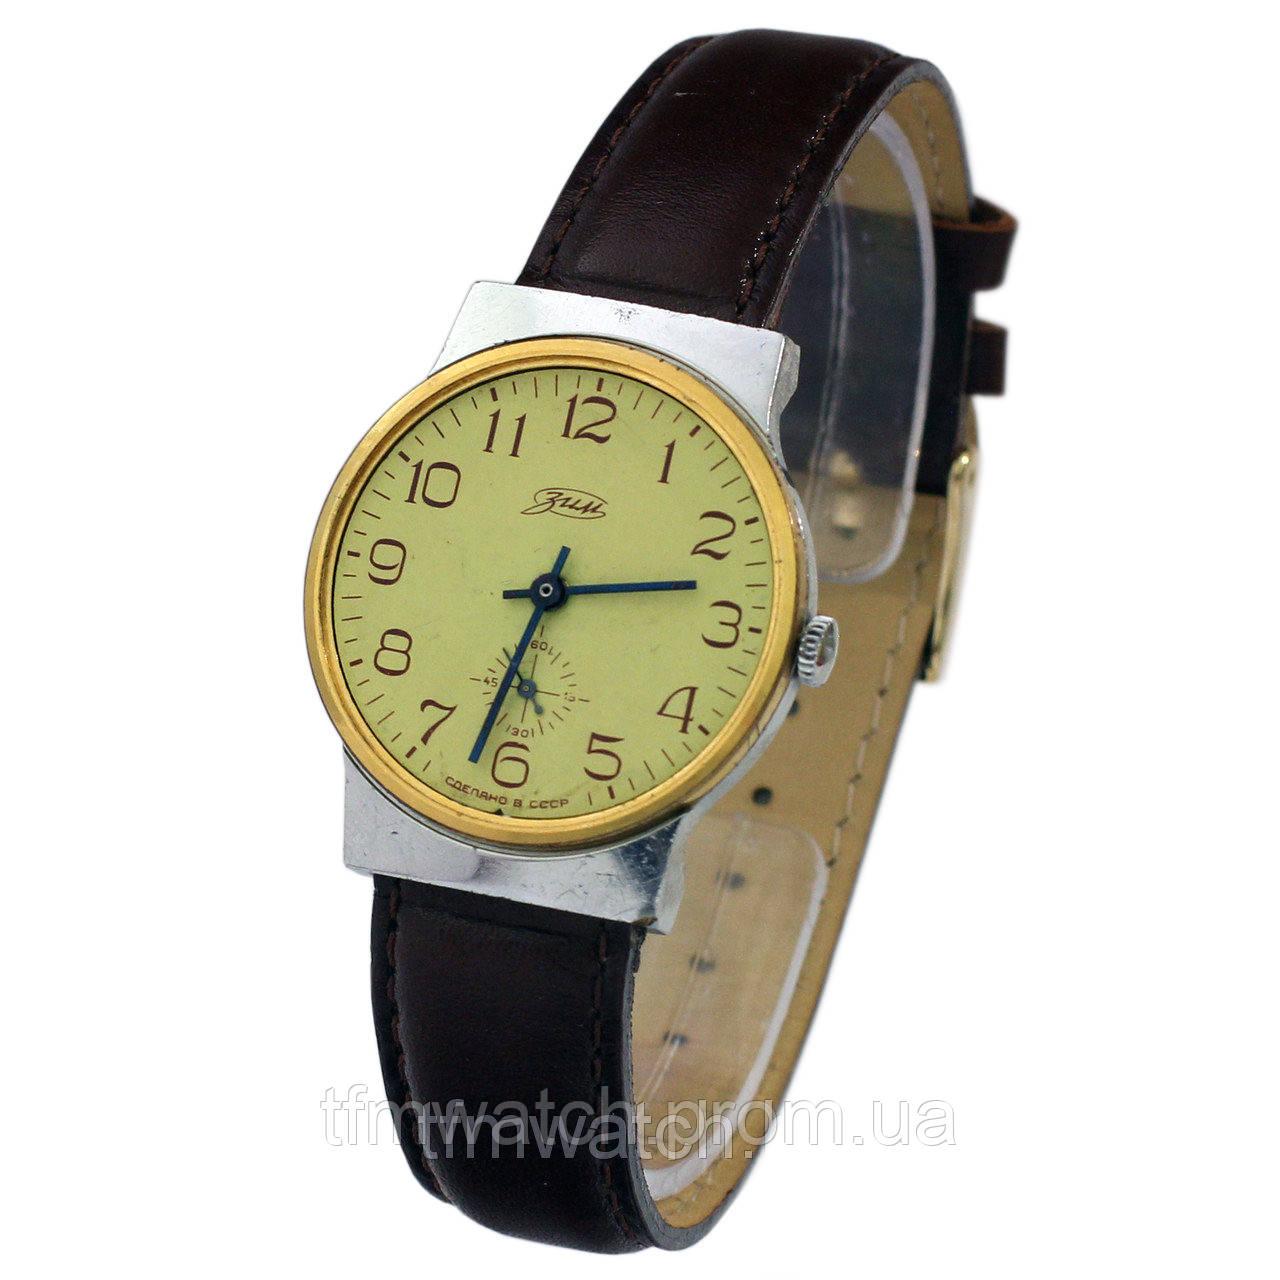 Купить часы россия механика купить часы suunto elementum